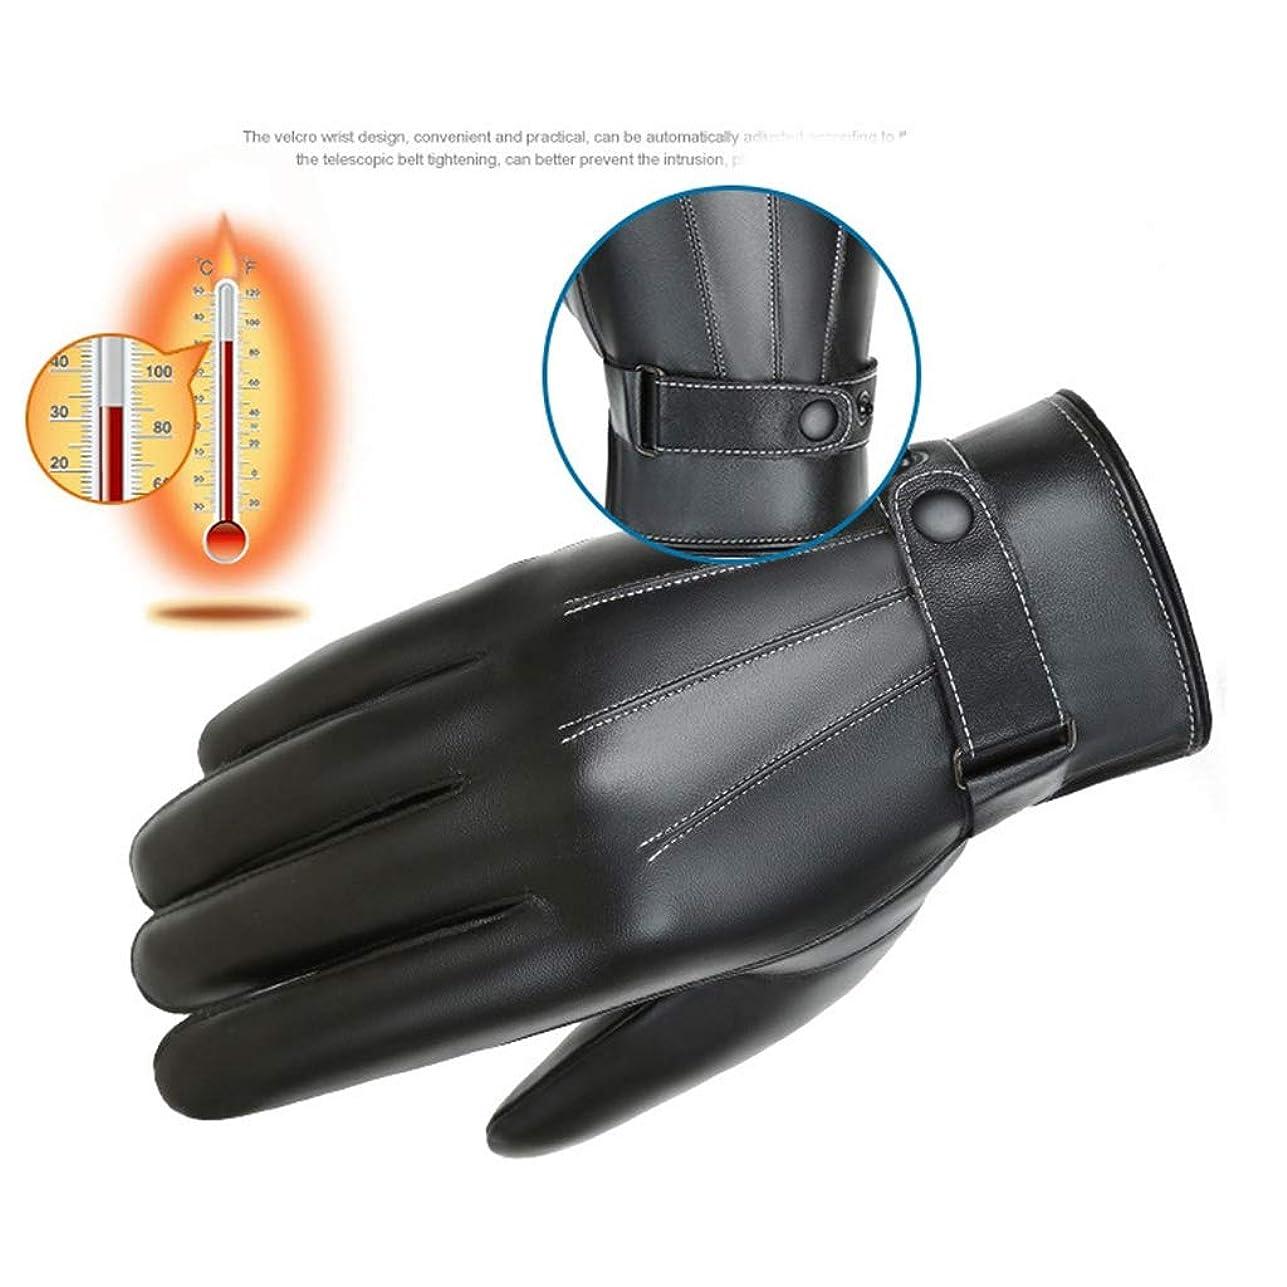 そんなにブーストコーンタッチスクリーンのメンズグローブ冬プラスベルベット厚い暖かい防風防水ライドバイクバイクの乗り物の手袋